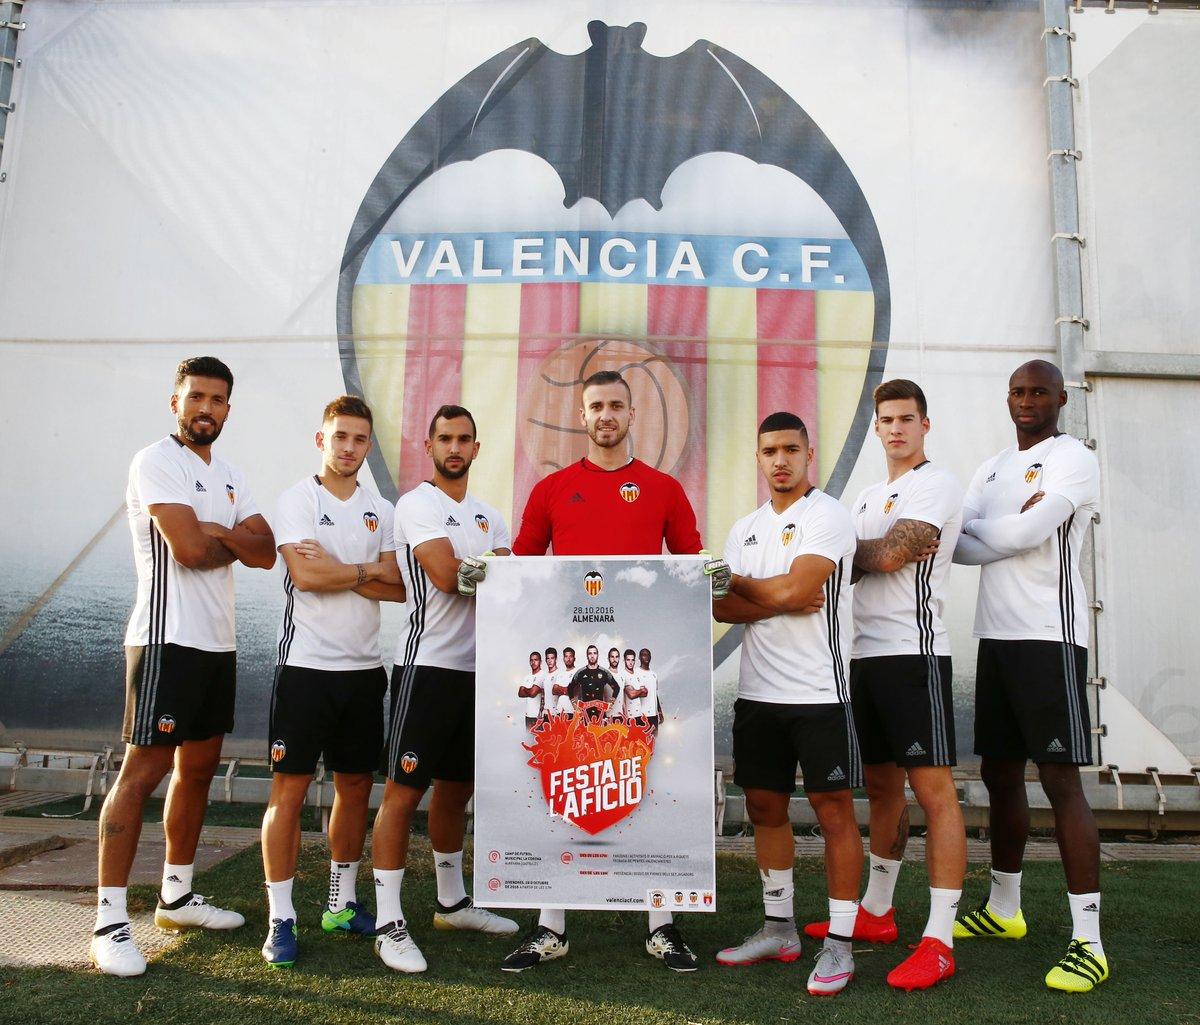 Hilo del Valencia C.F CvyfL7KWcAAW9za